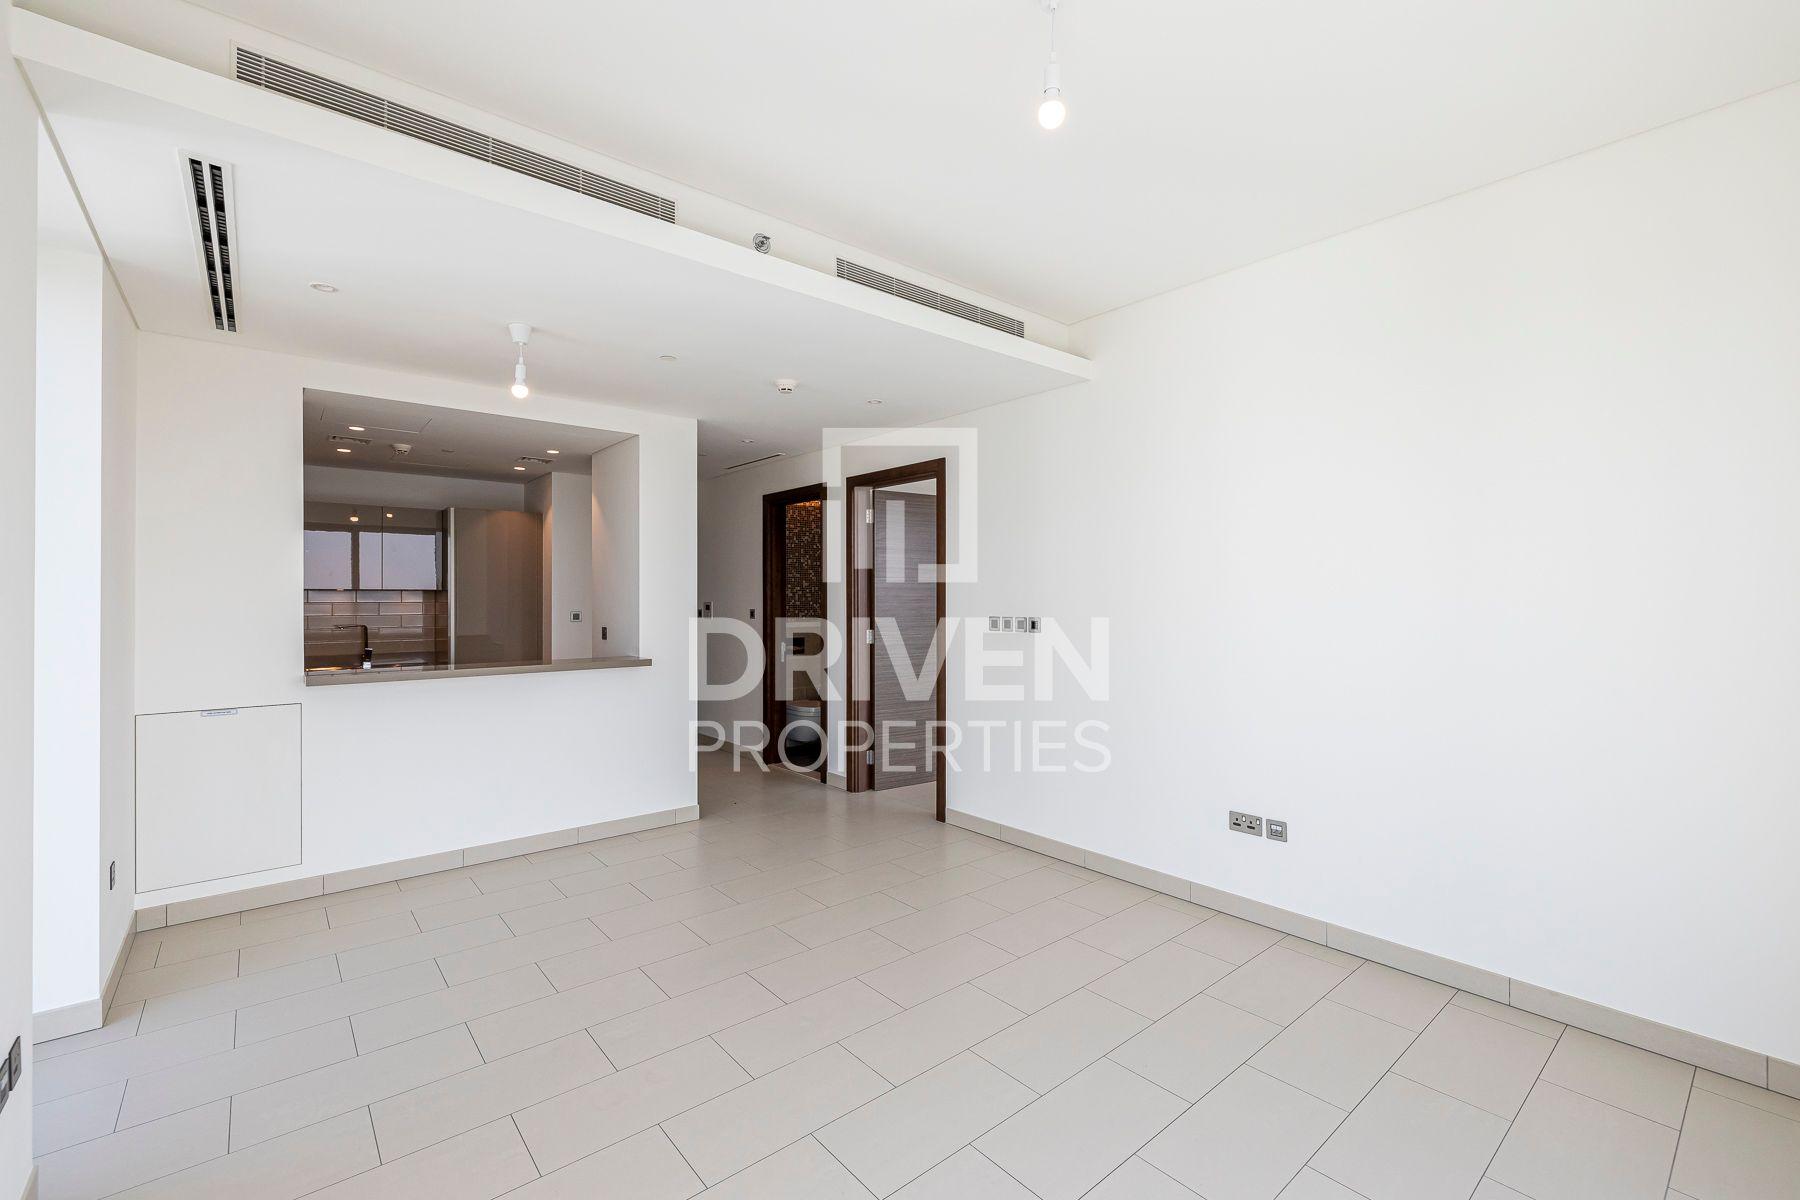 757 قدم مربع  شقة - للايجار - مدينة الشيخ محمد بن راشد